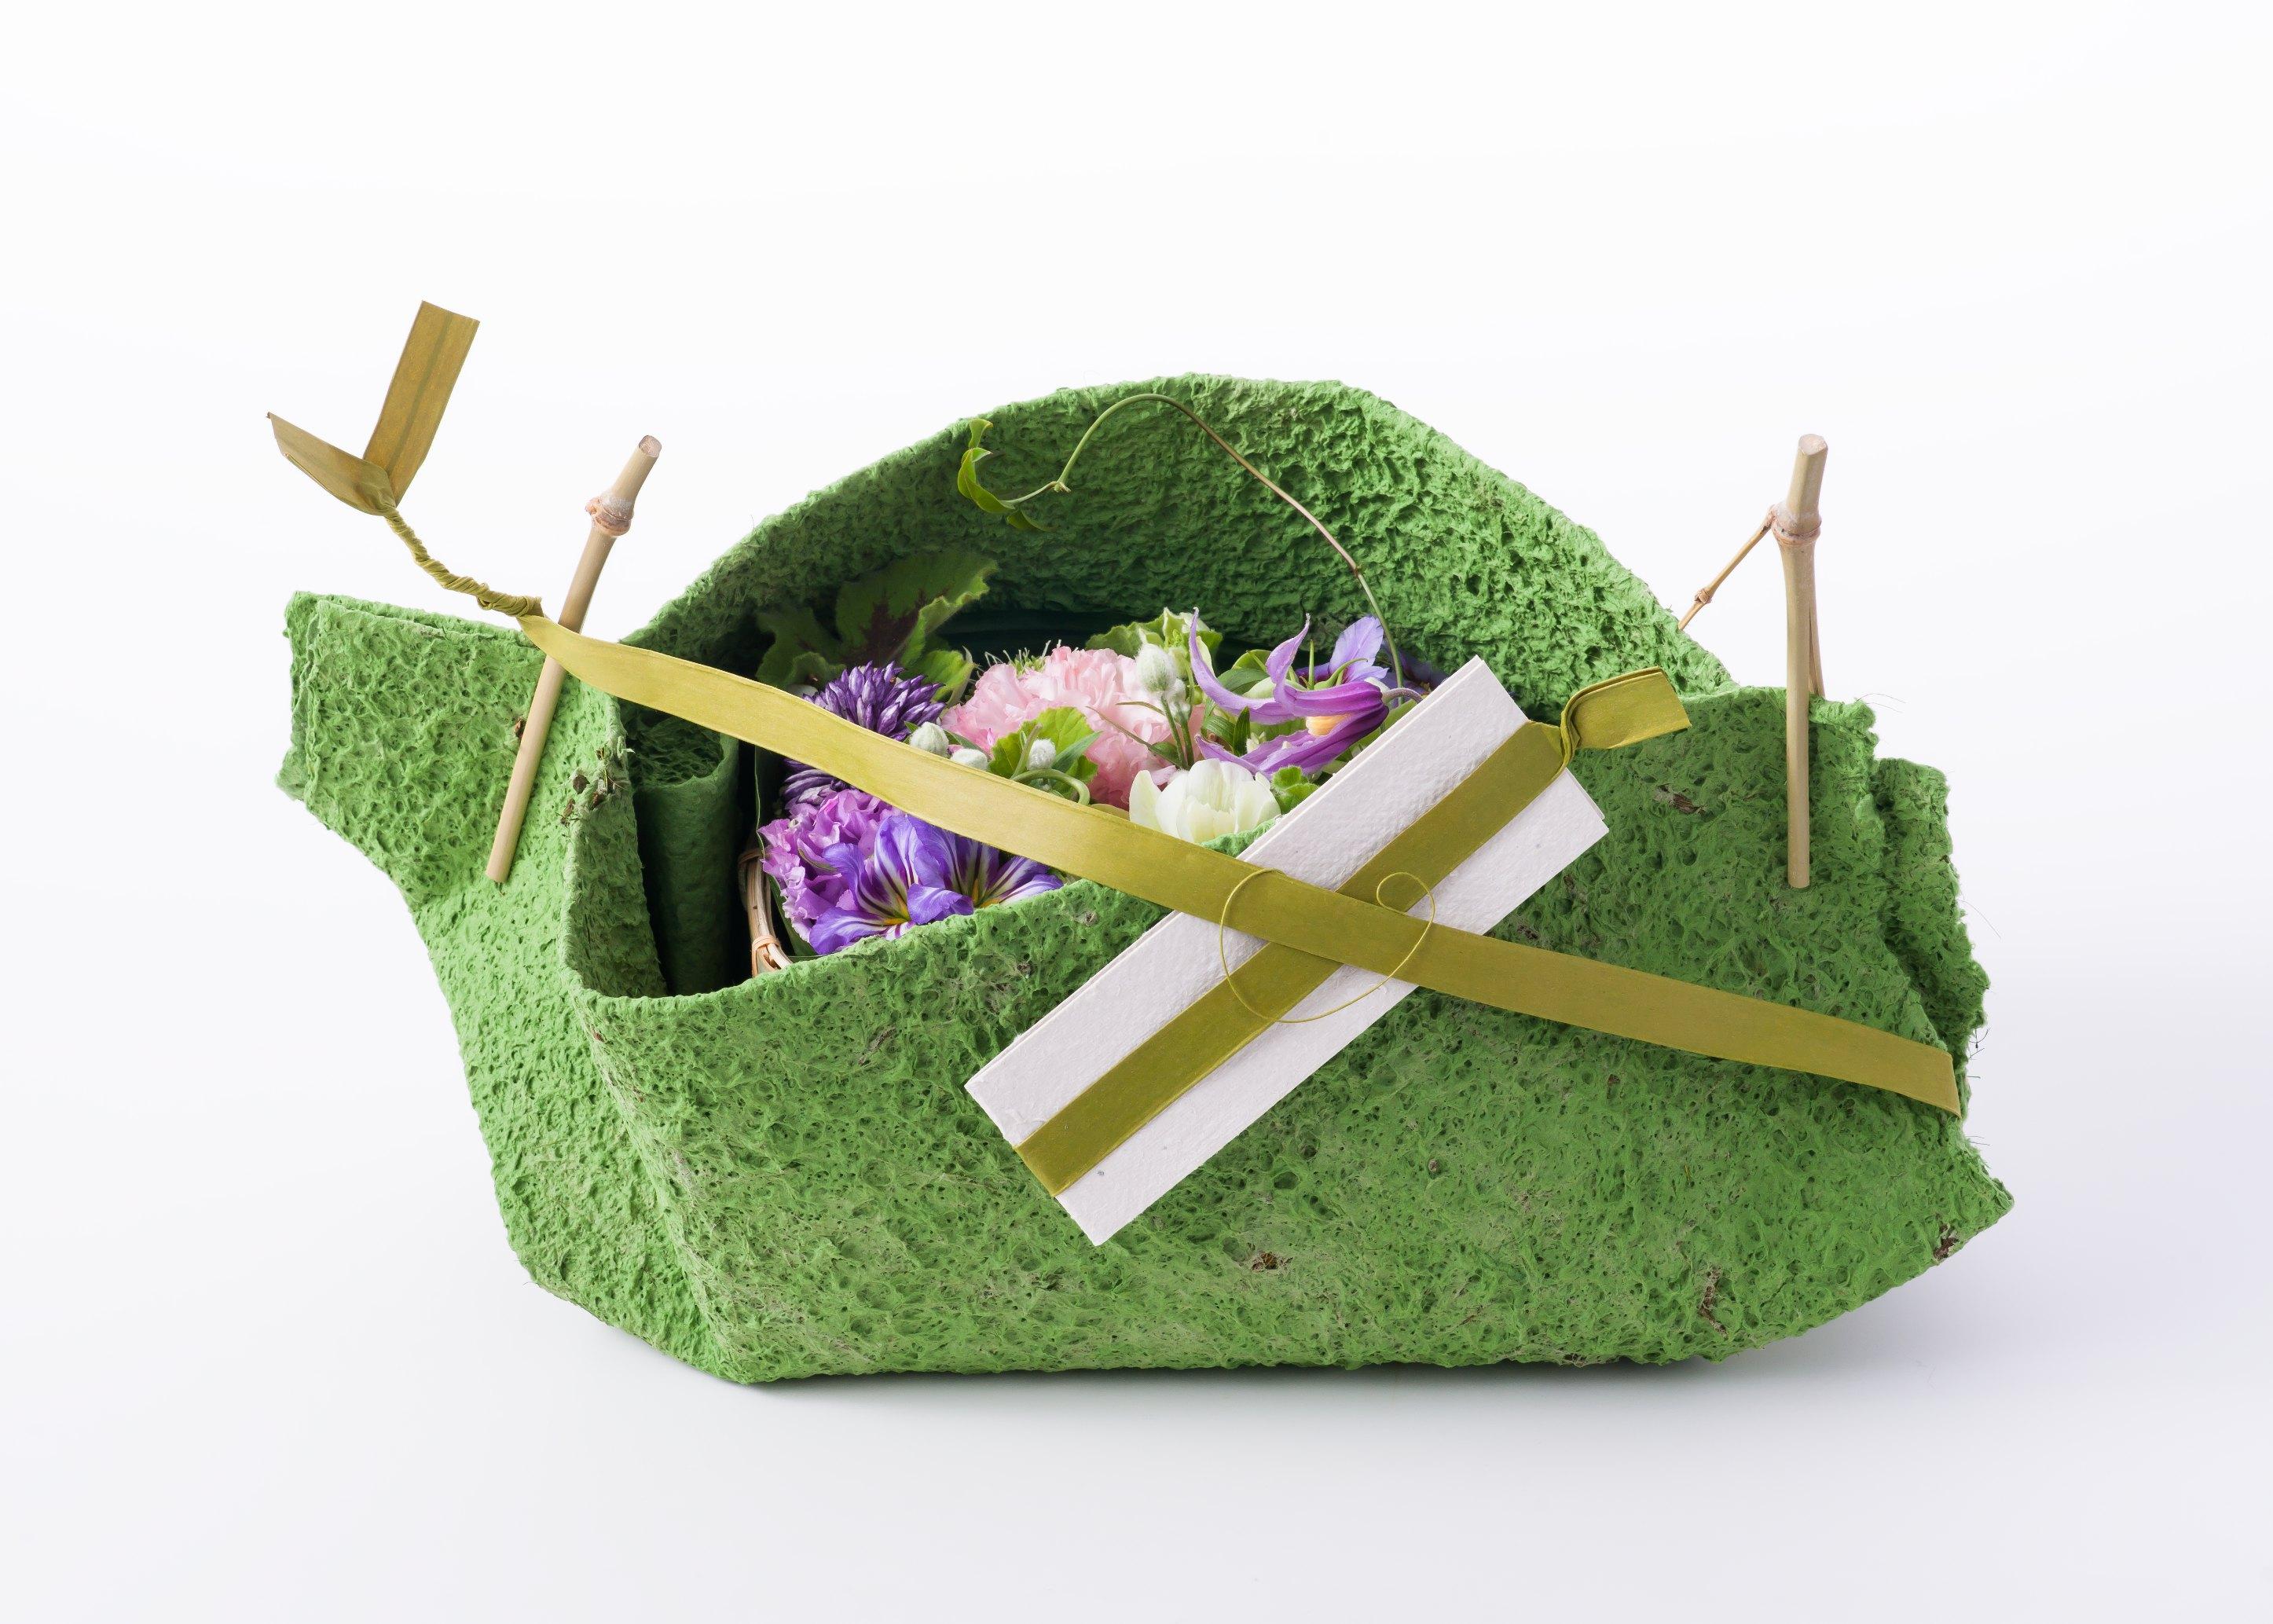 贈る花Ⅰ アレンジメント